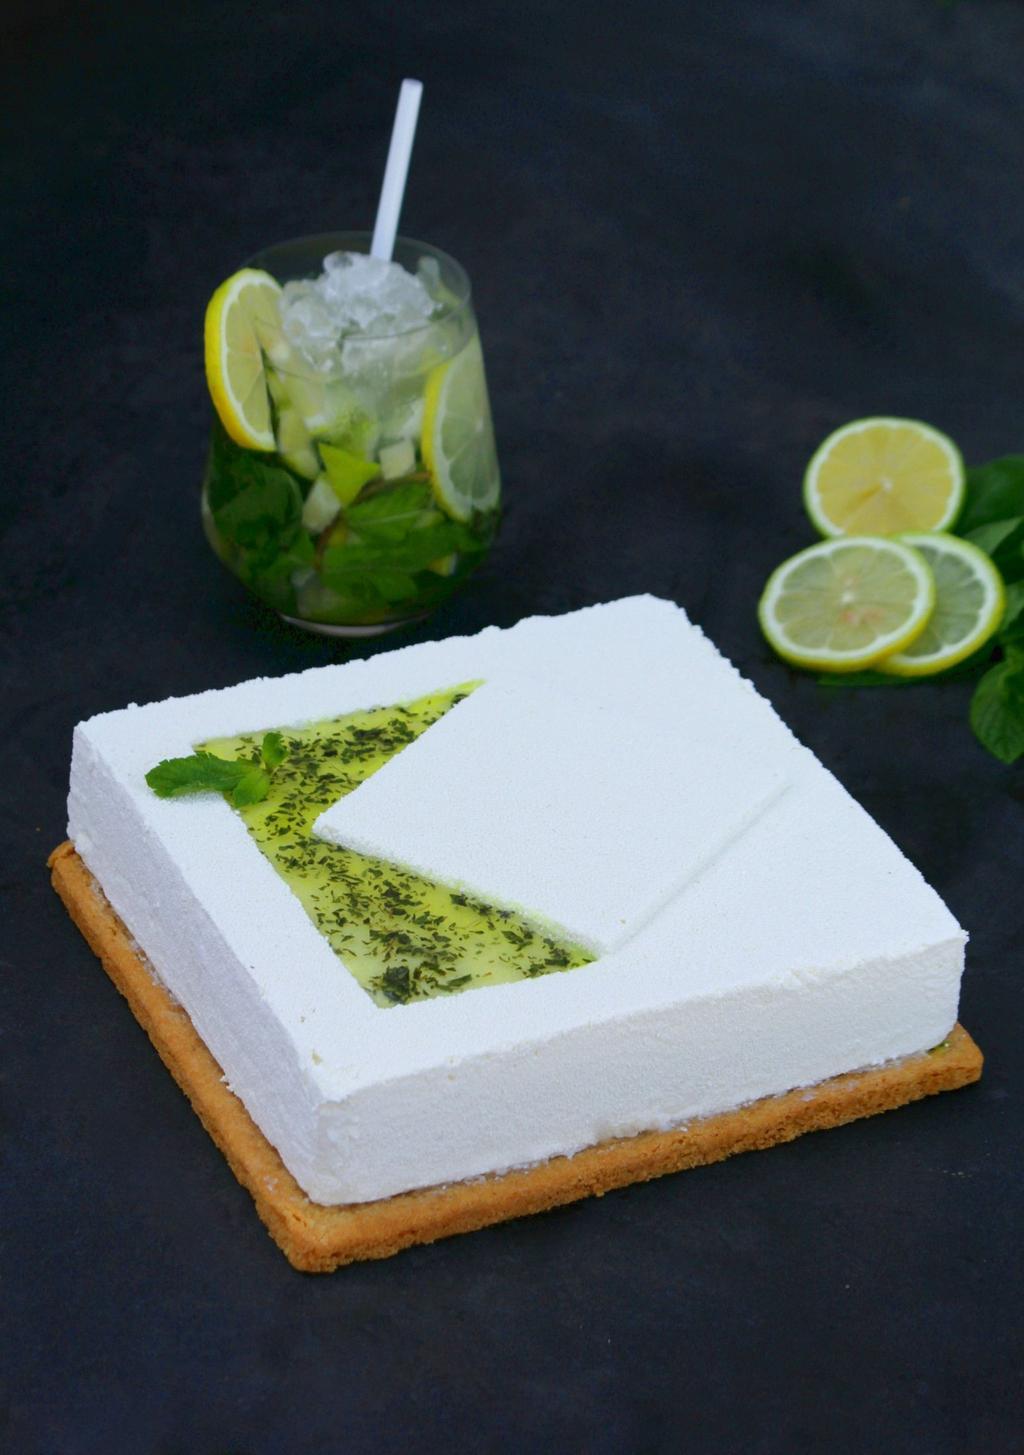 עוגת מוס מסקרפונה מוחיטו של ג'ייקובס. צילום: בר אופק